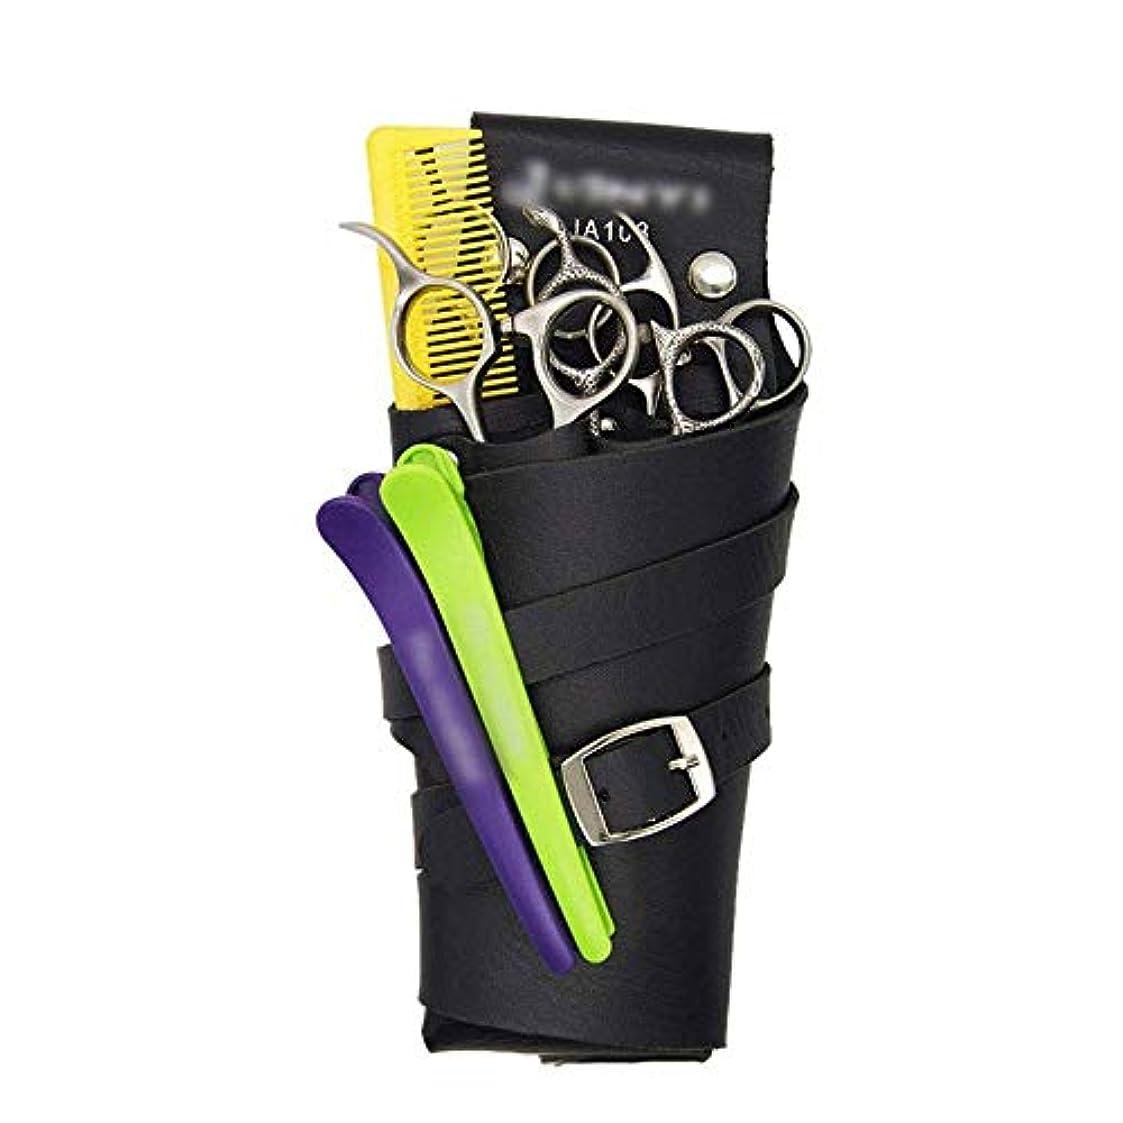 薄い雪保持するYWAWJ ウエストショルダーベルト付き美容サロンのヘアスタイリストウエストホルダーケースバッグスタイリストのためのベルトとシザーポーチホルスター (Color : Black)